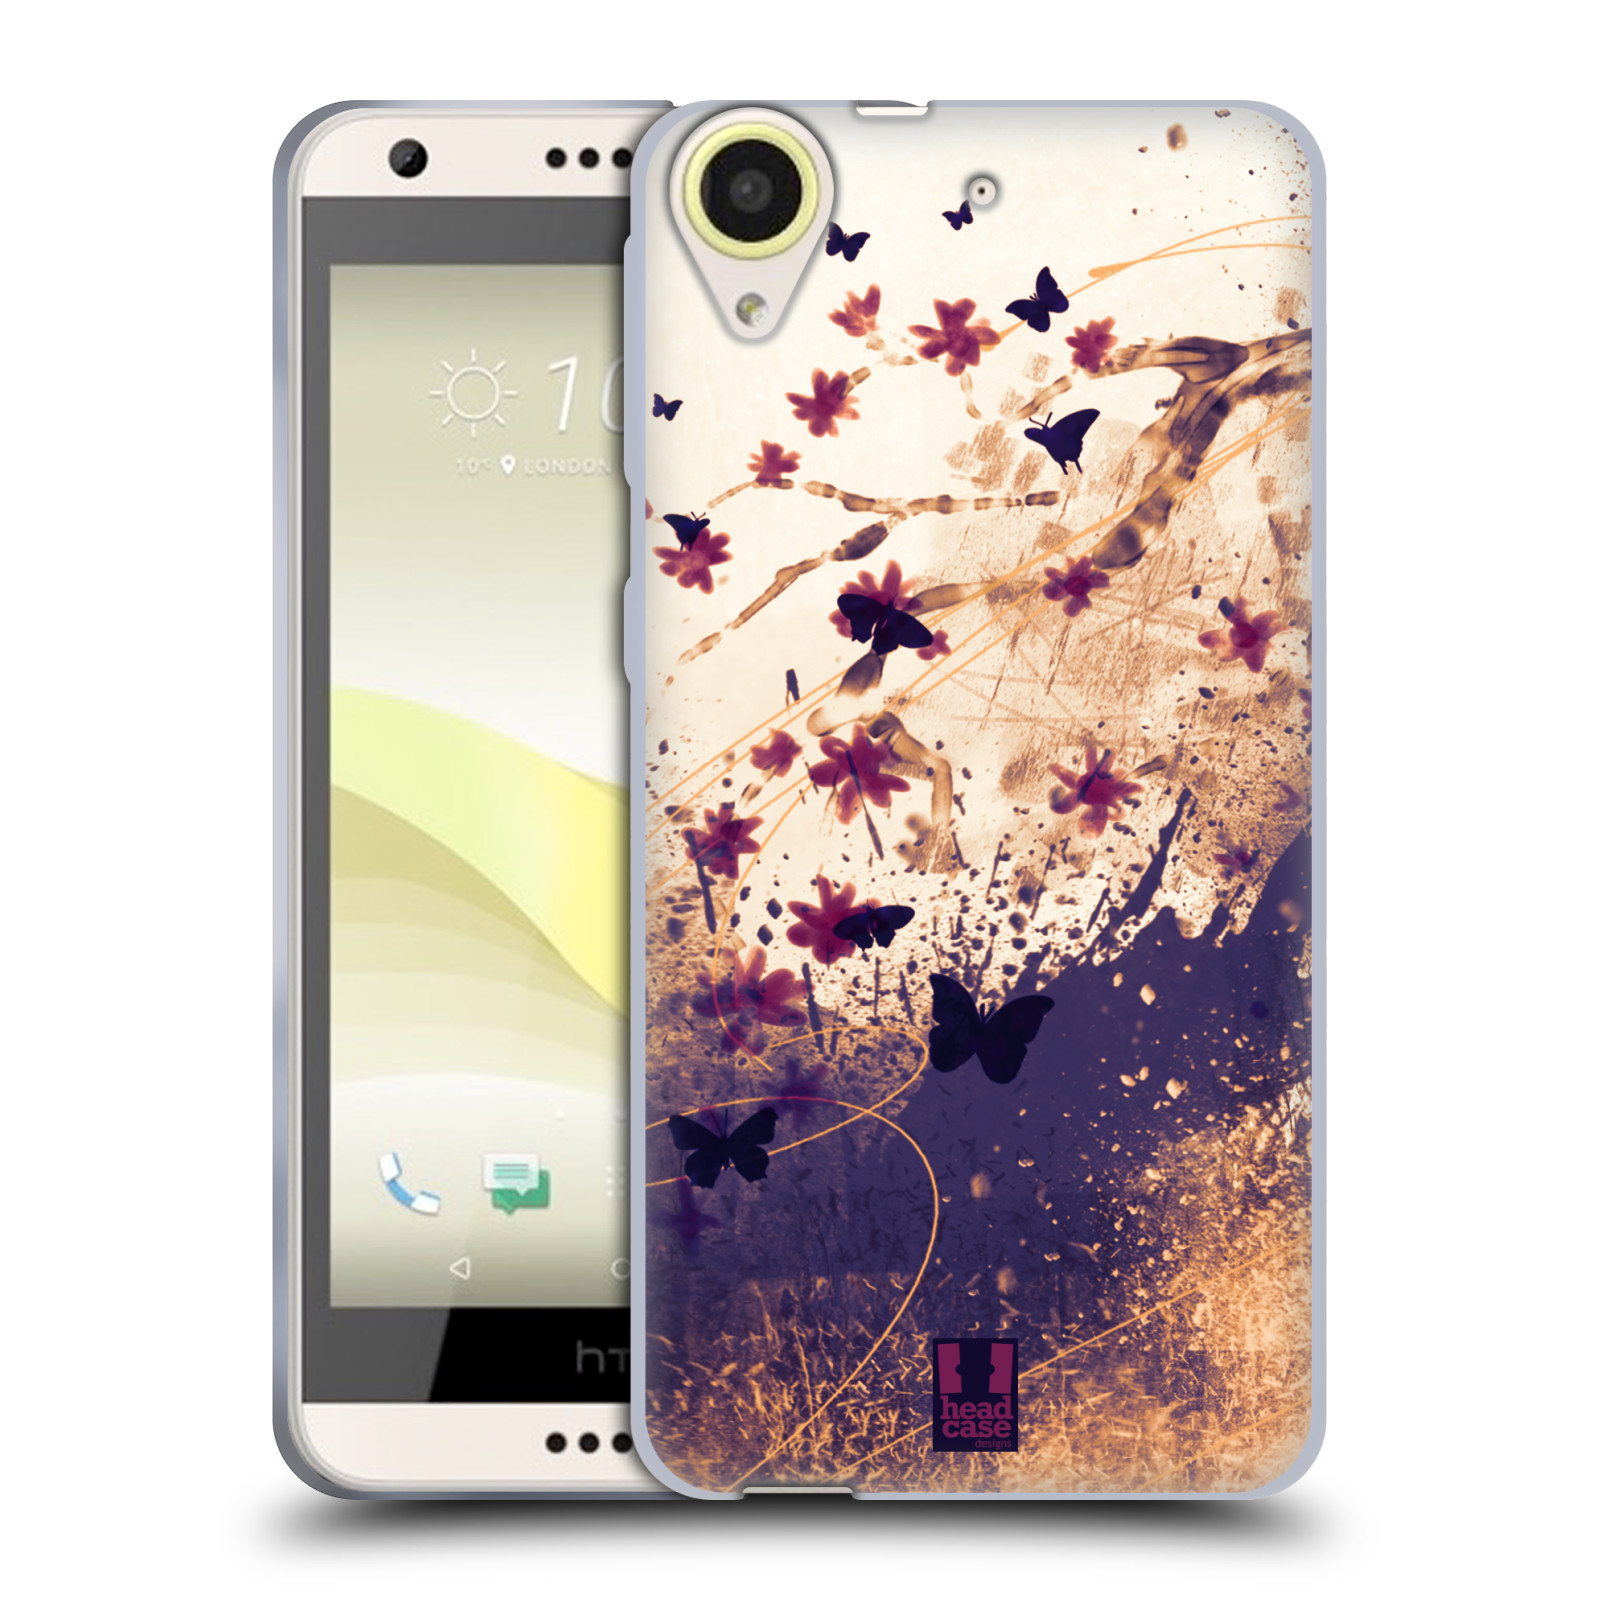 Silikonové pouzdro na mobil HTC Desire 650 HEAD CASE MOTÝLCI (Silikonový kryt či obal na mobilní telefon HTC Desire 650)